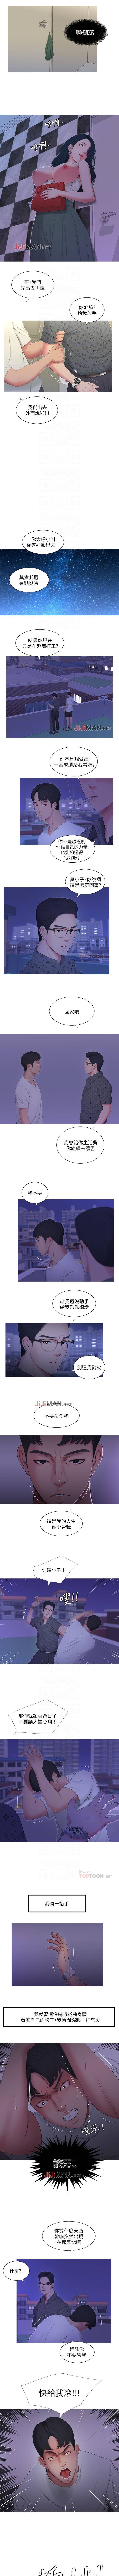 【周四连载】亲家四姐妹(作者:愛摸) 第1~27话 54